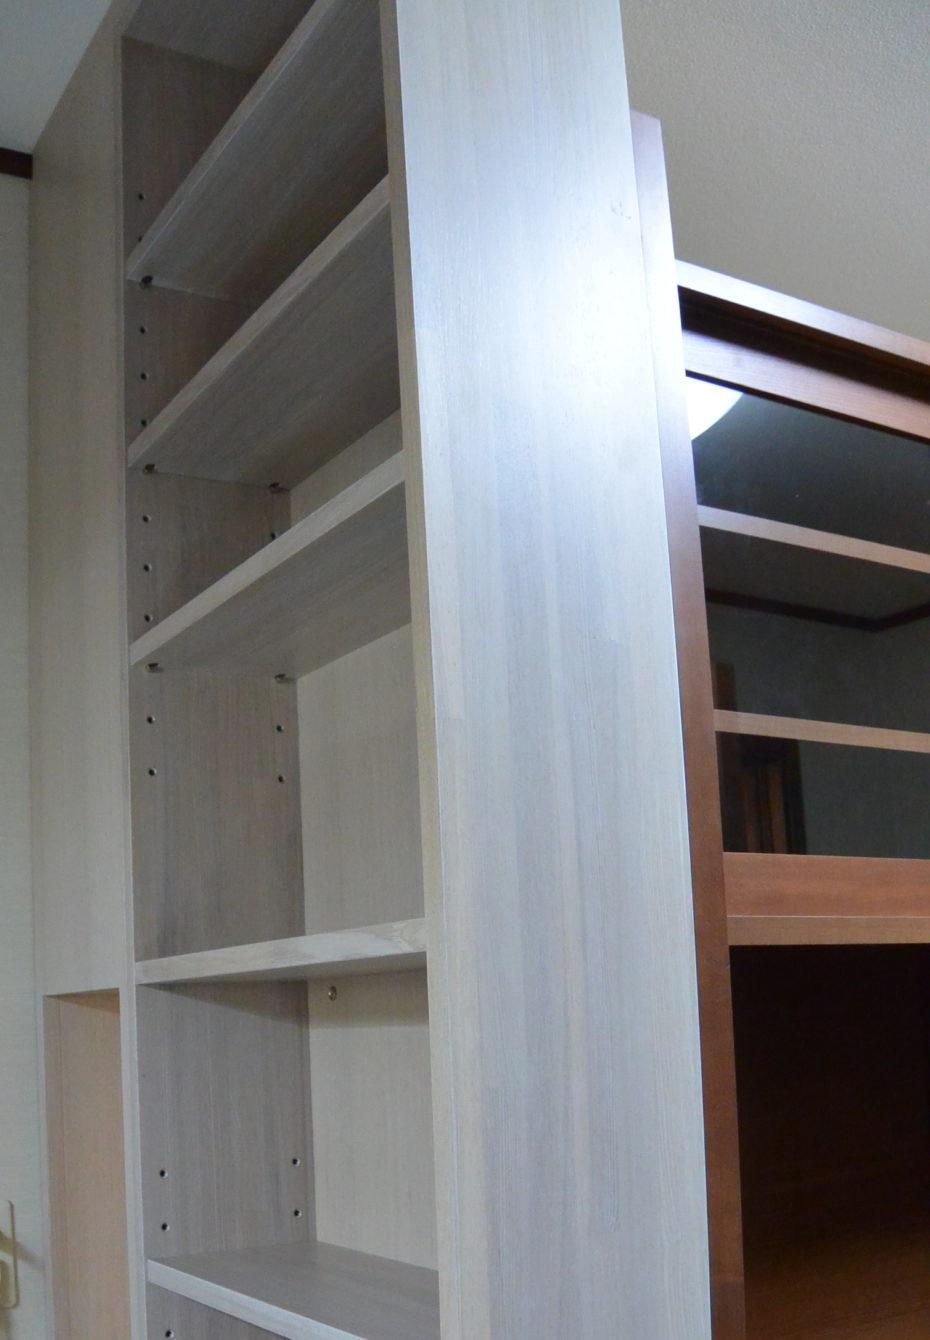 天井まであるパントリー。右手に固定された食器棚が倒壊しないよう支えてくれています。